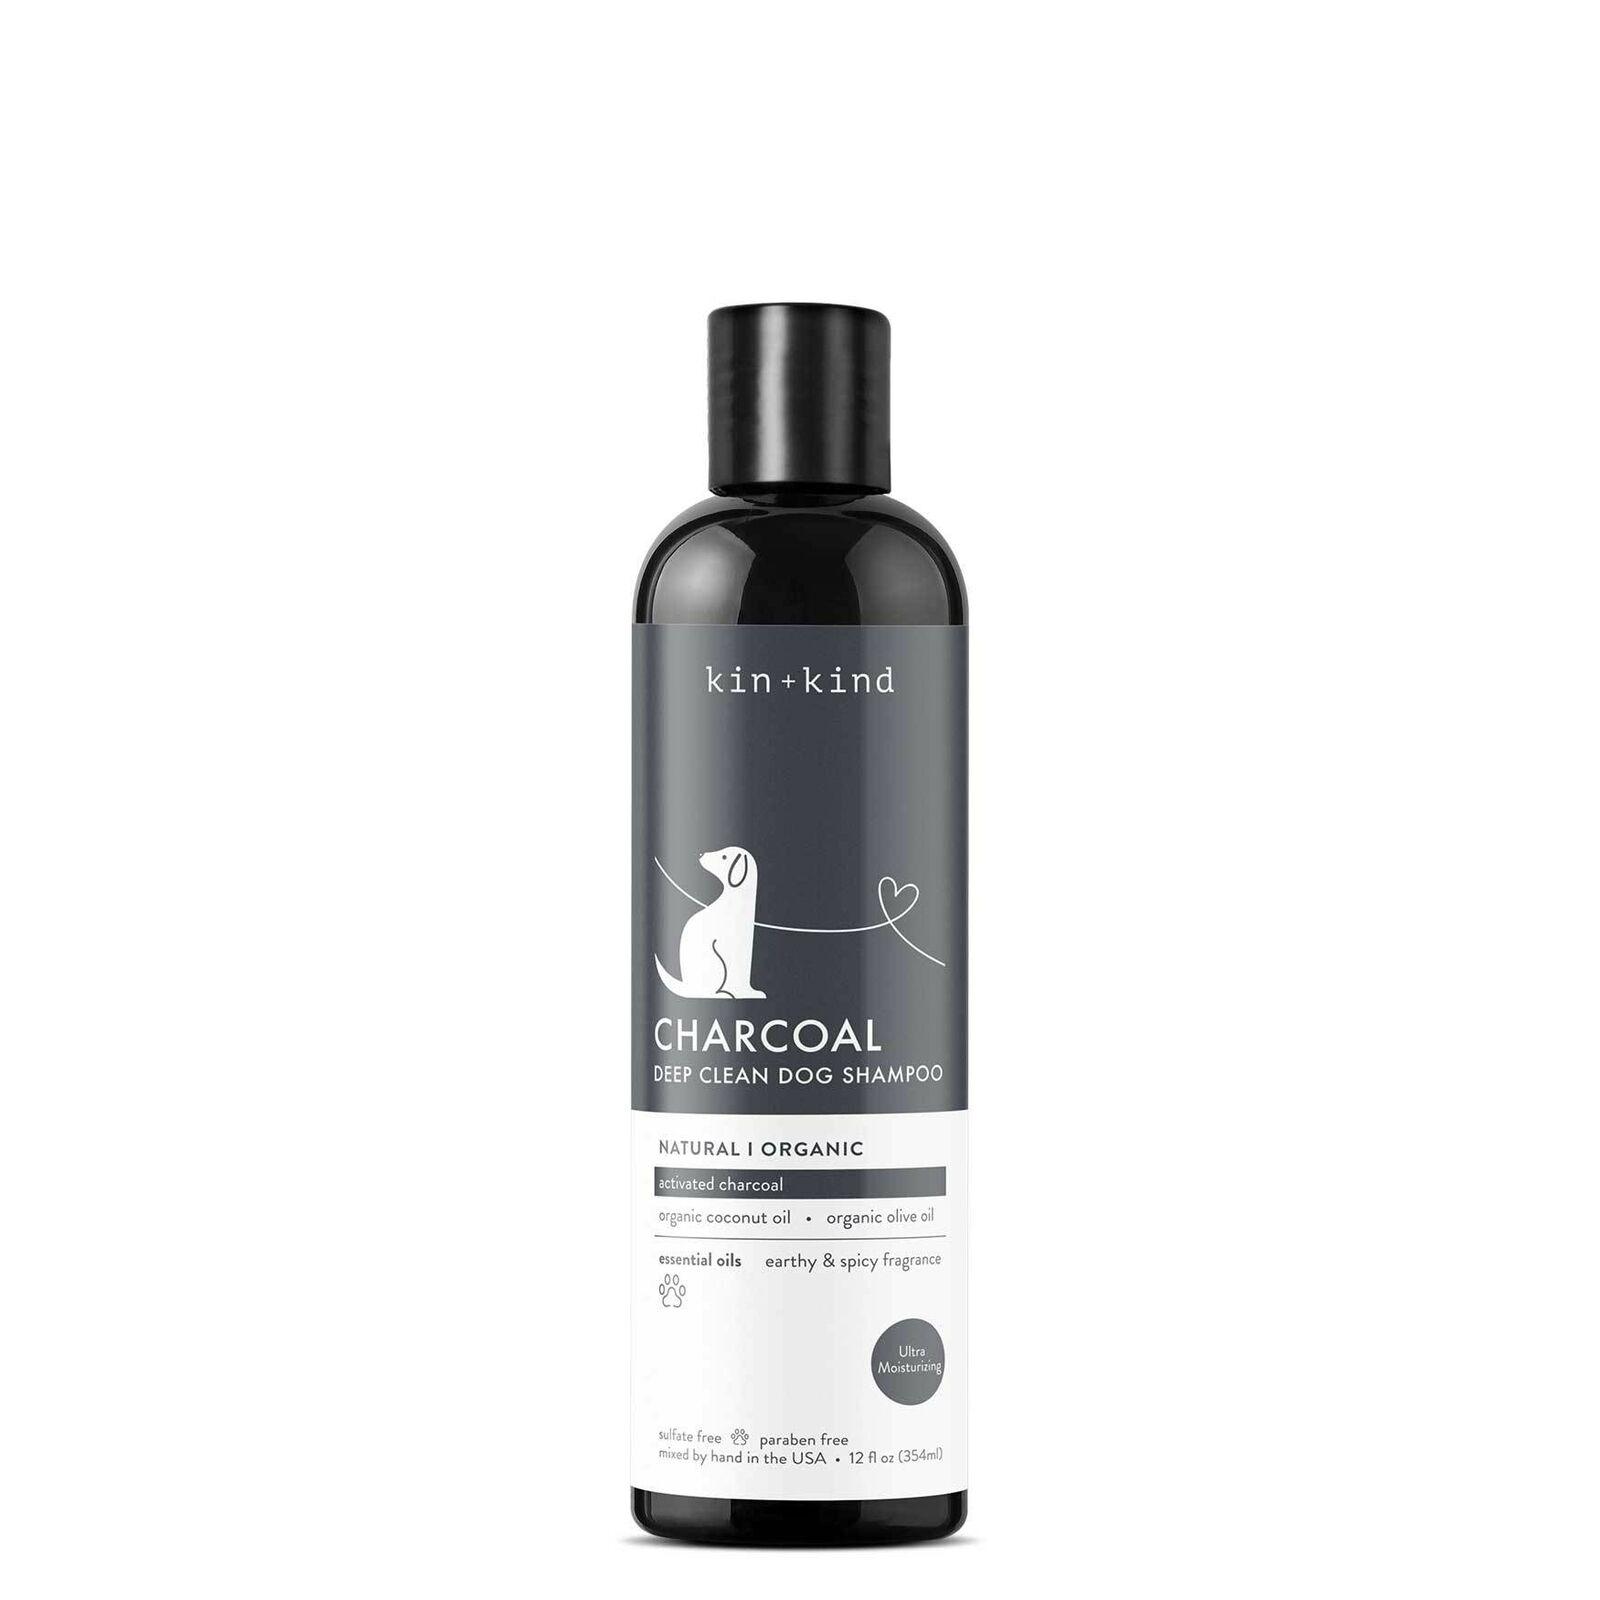 kin+kind Charcoal Deep Clean Dog Shampoo, 12-oz (Size: 12-oz) Image